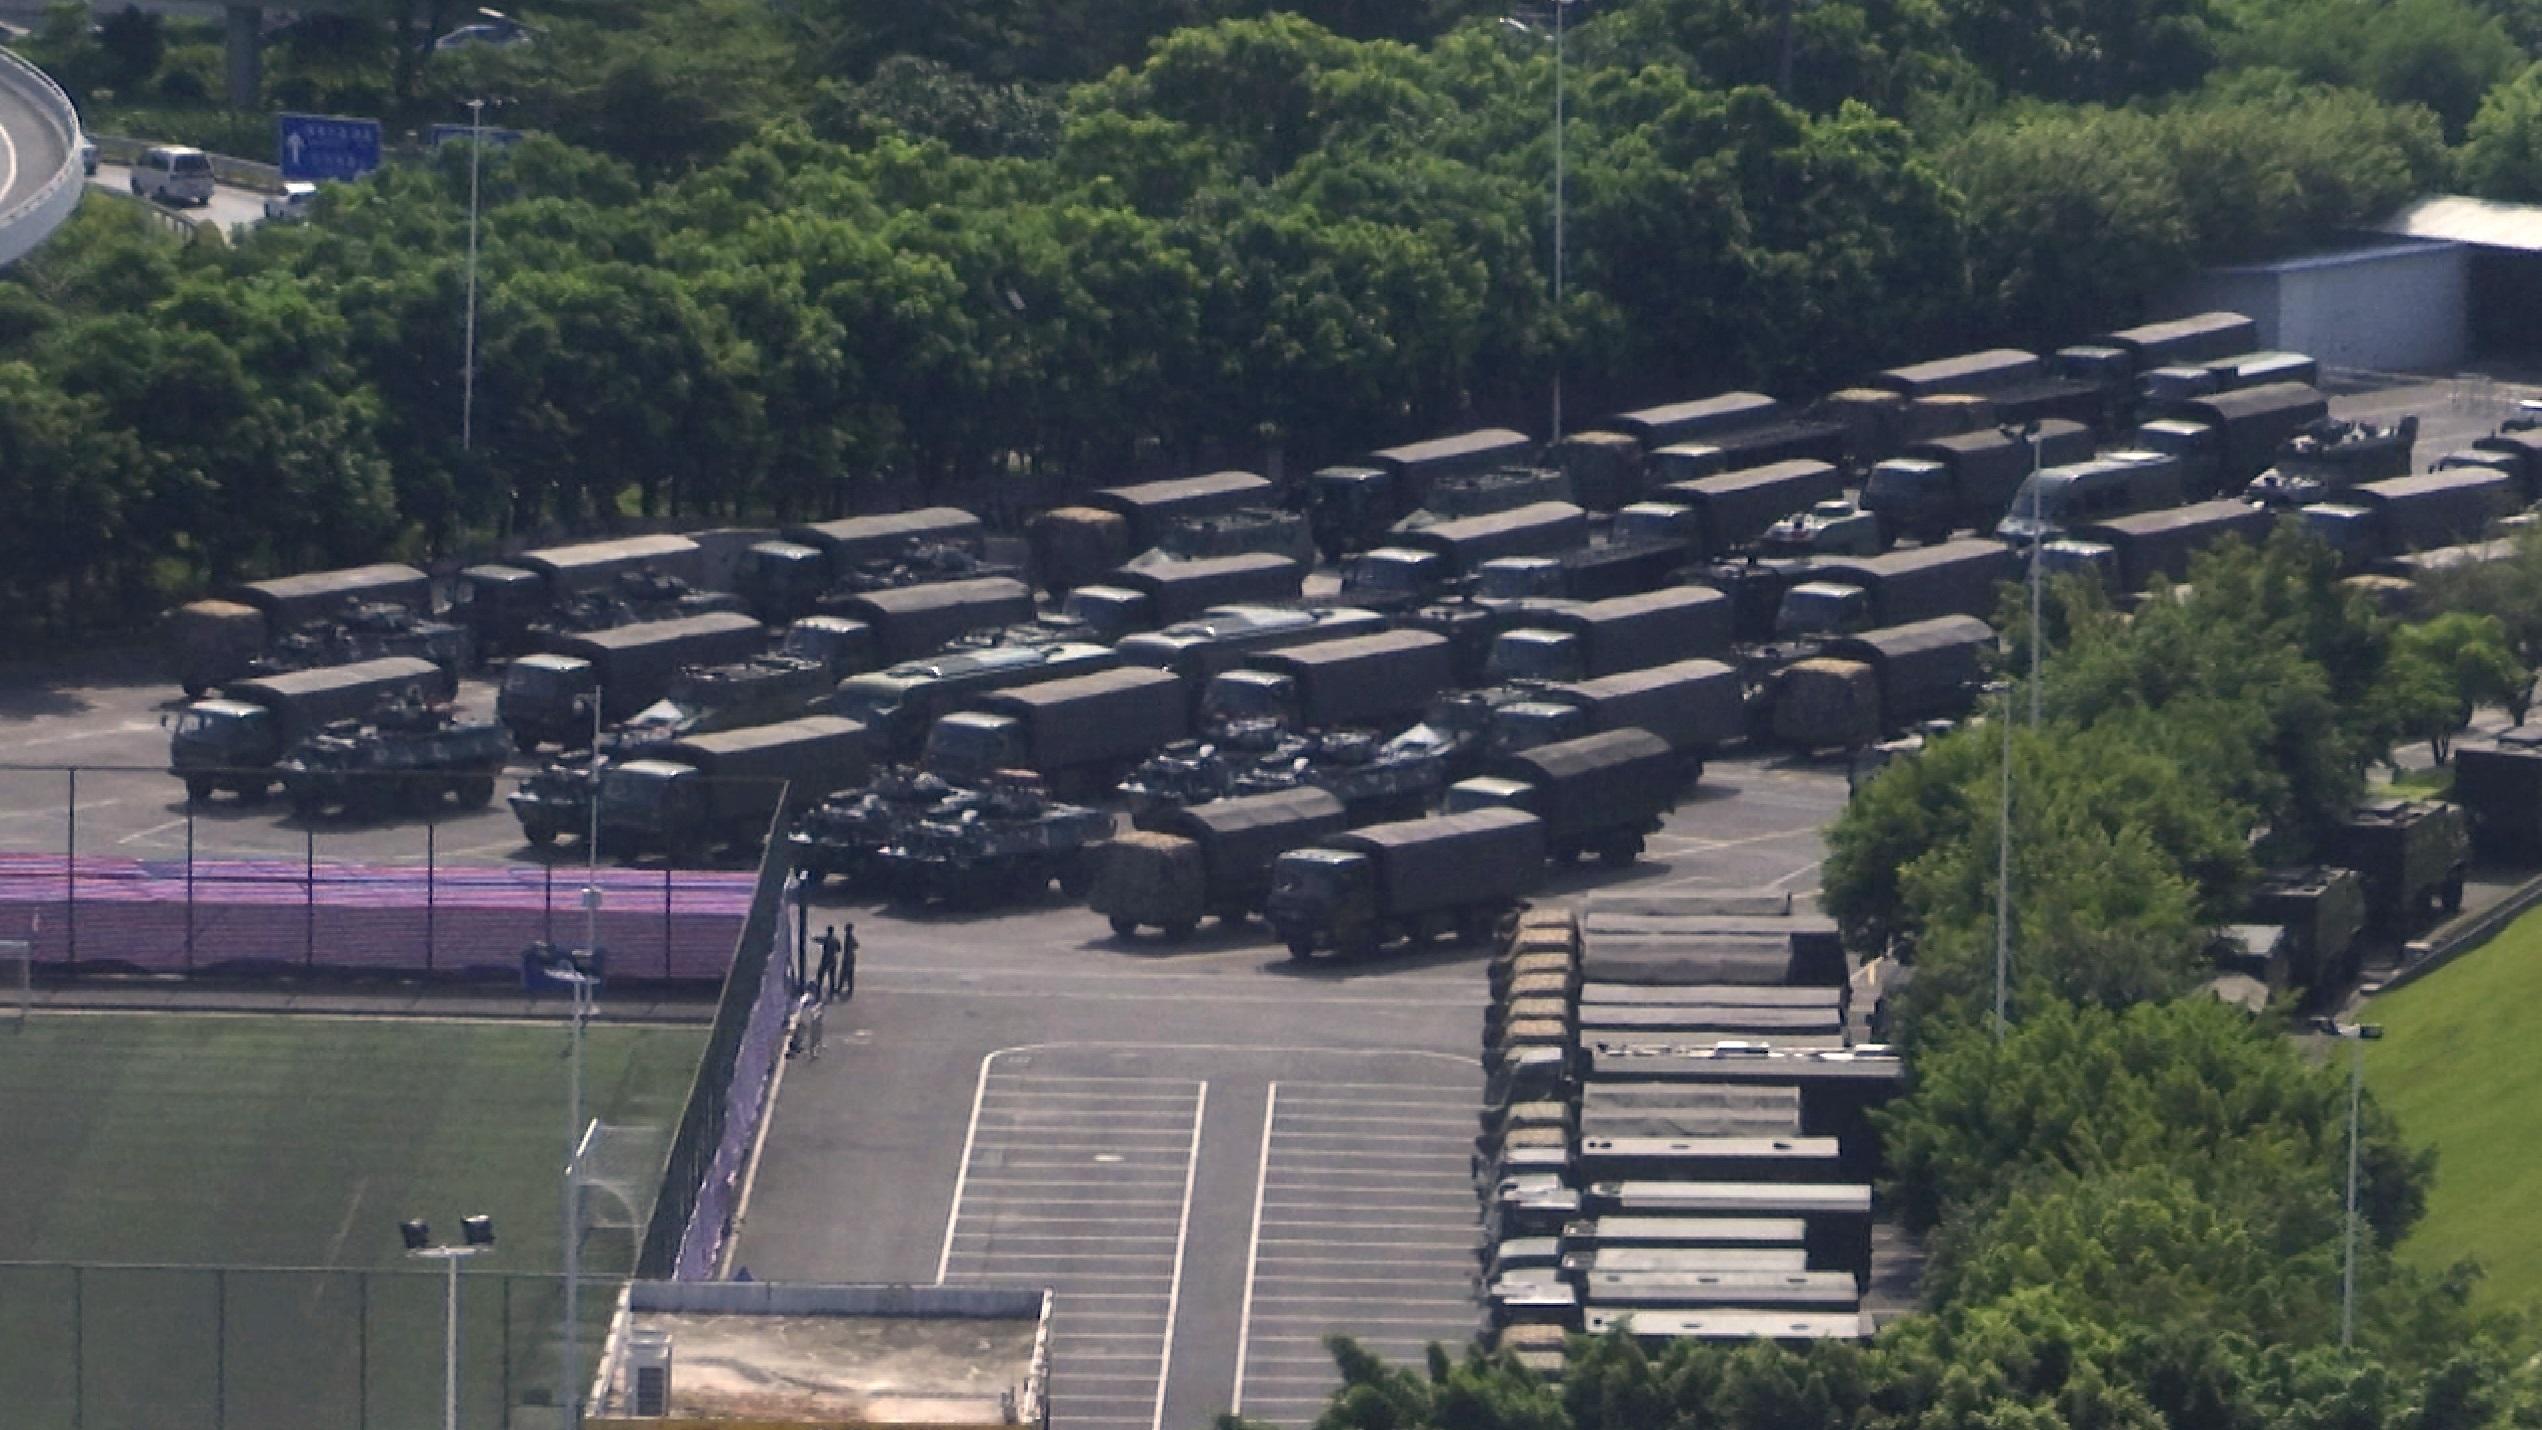 中央社引述消息,至少一萬名武裝警察部隊隊員在深圳戒備。美聯社圖片